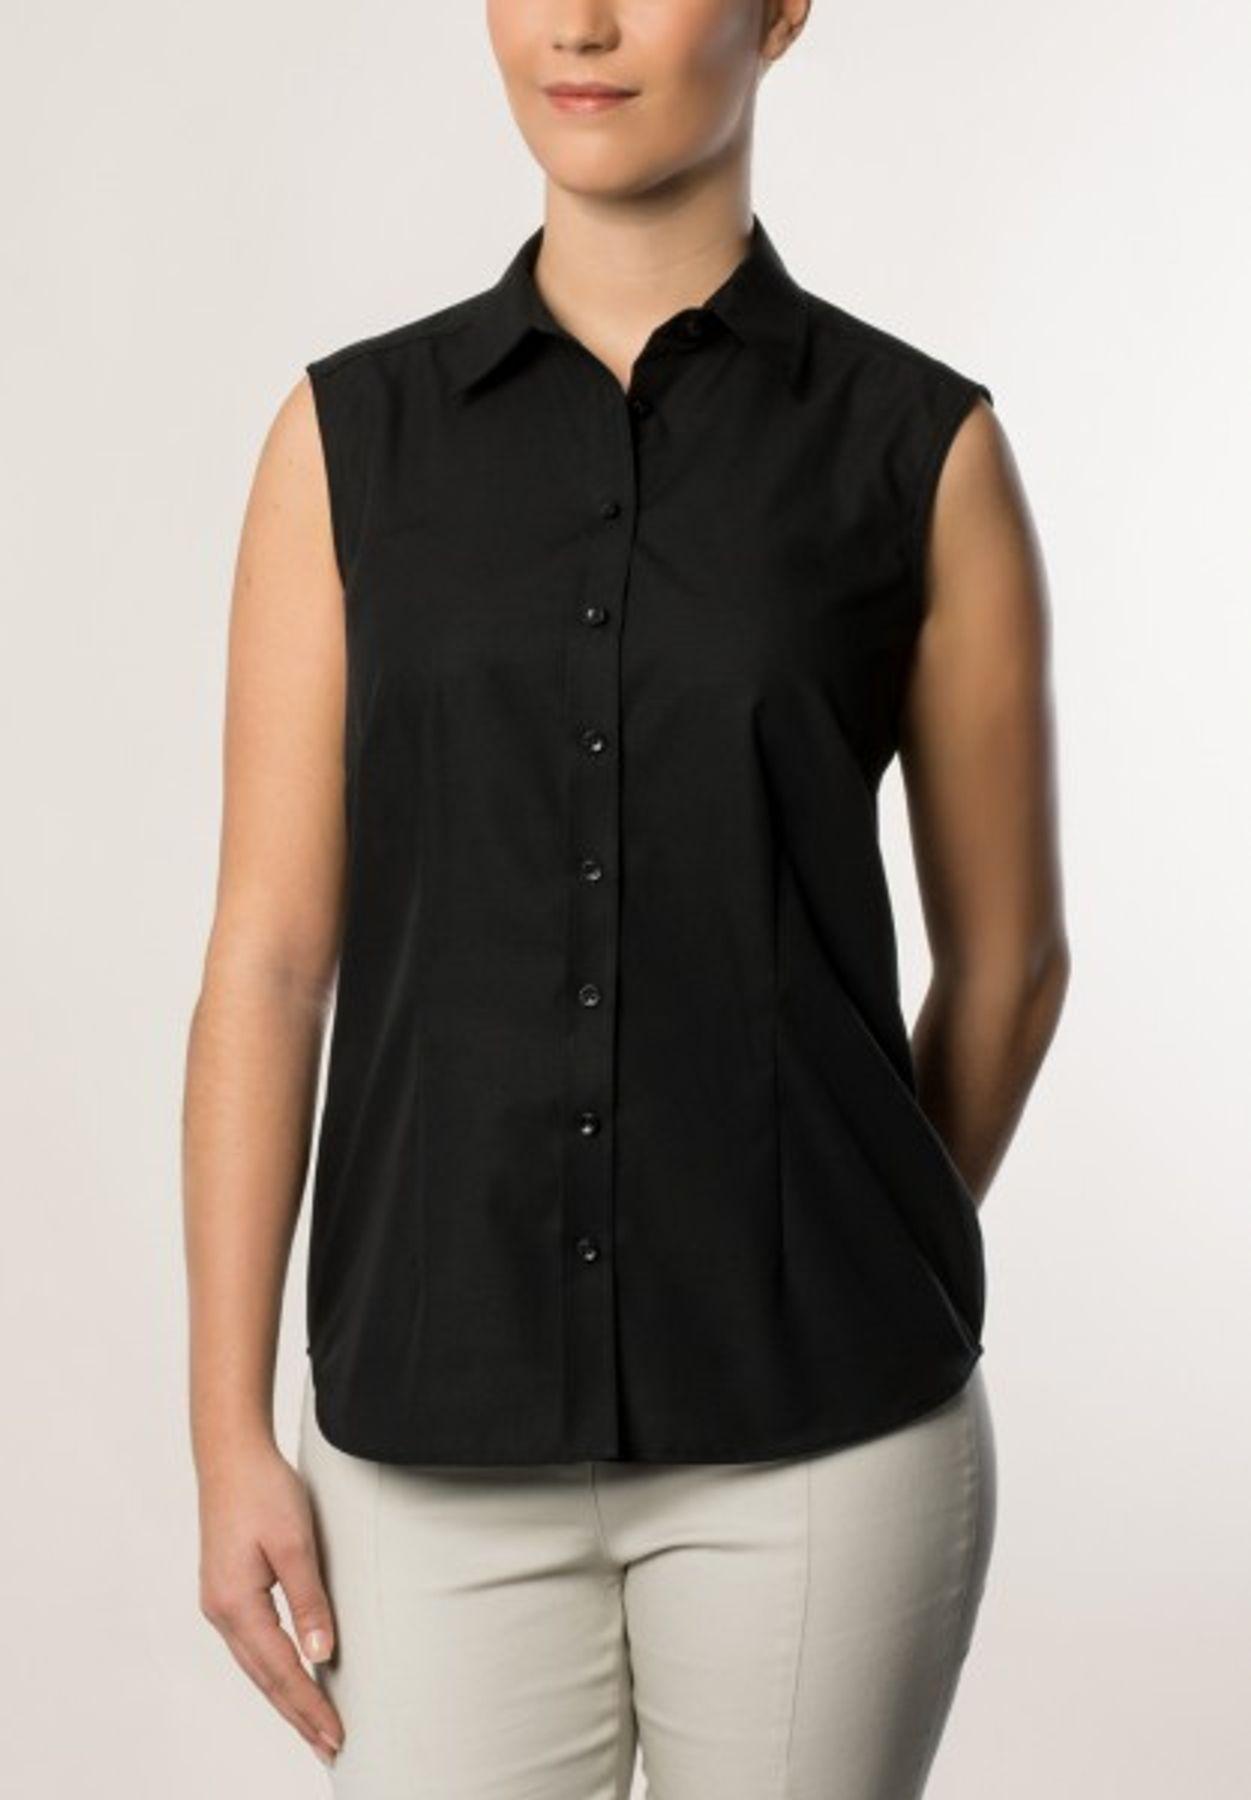 Eterna -  Comfort-Fit - Bügelfreie Damen Bluse ohne Arm in Weiß oder Schwarz (5220 A670) – Bild 3